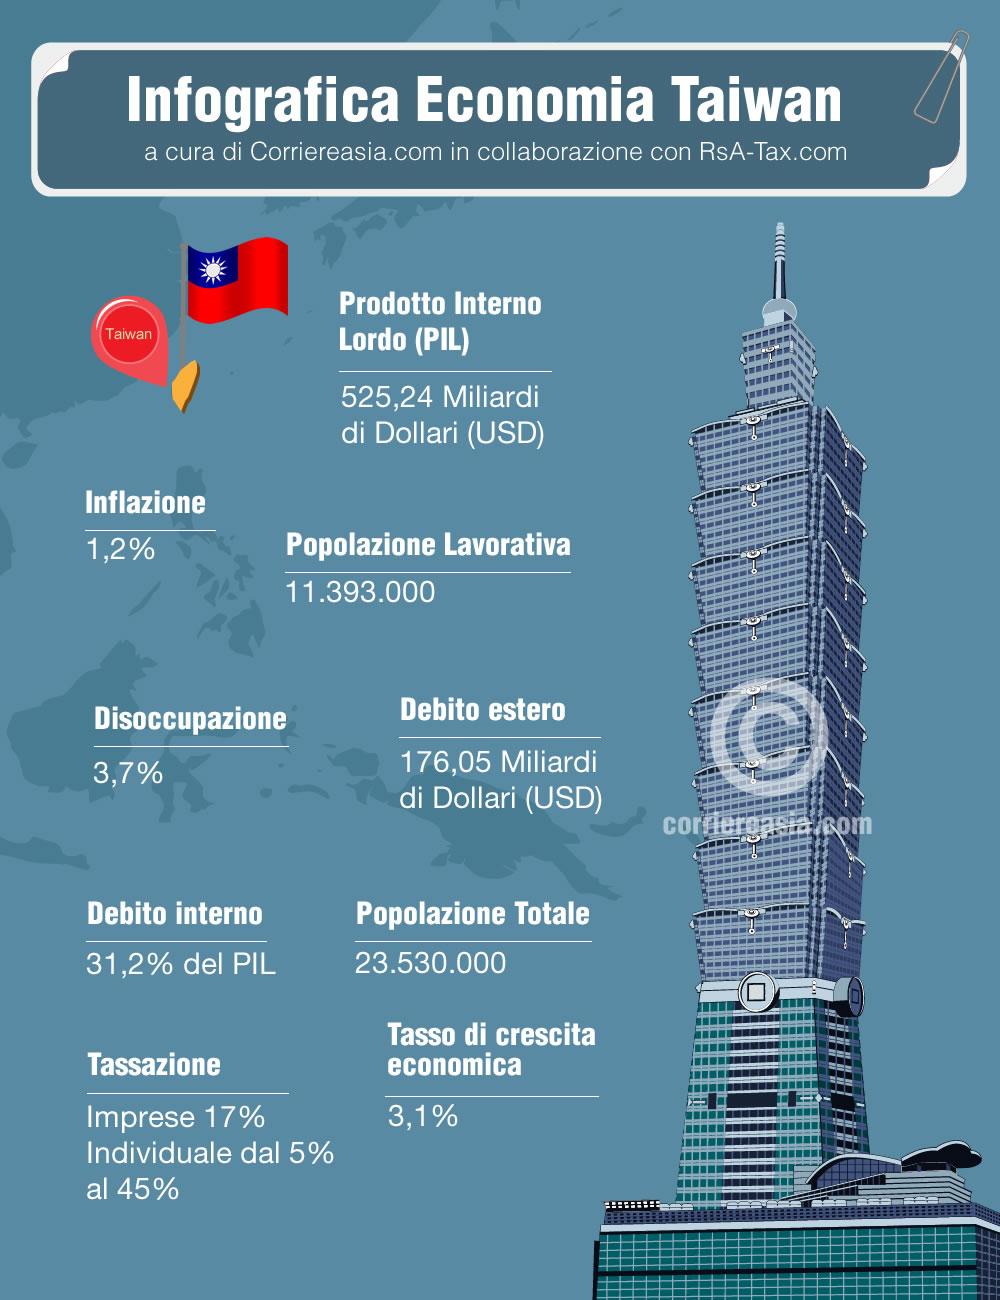 economia taiwan